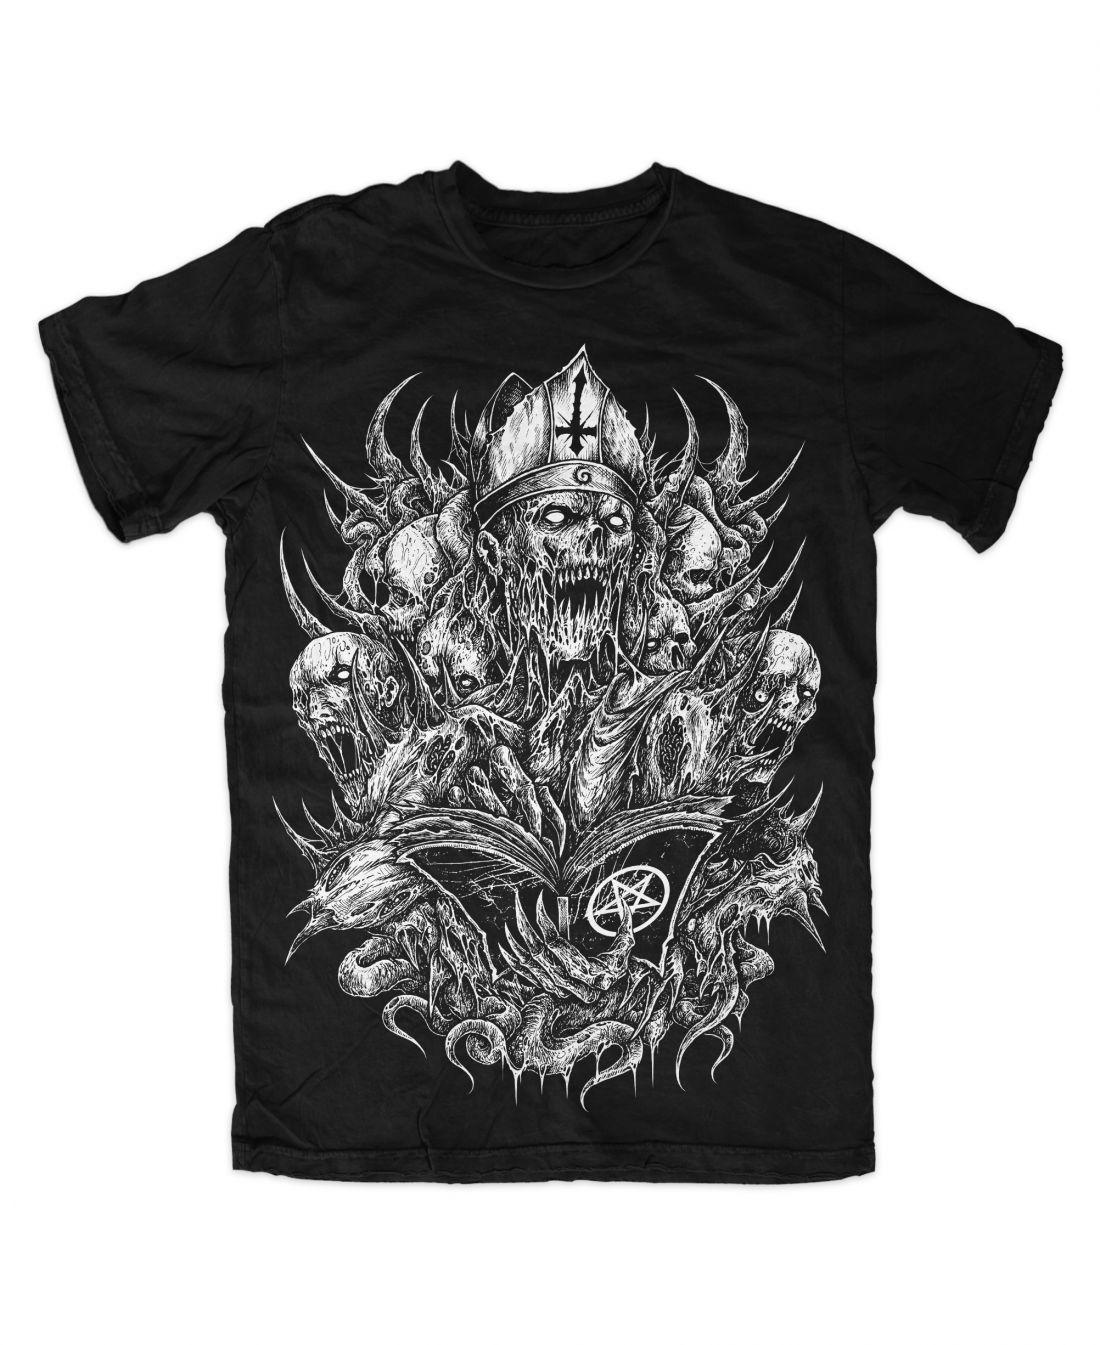 Curse (fekete póló)